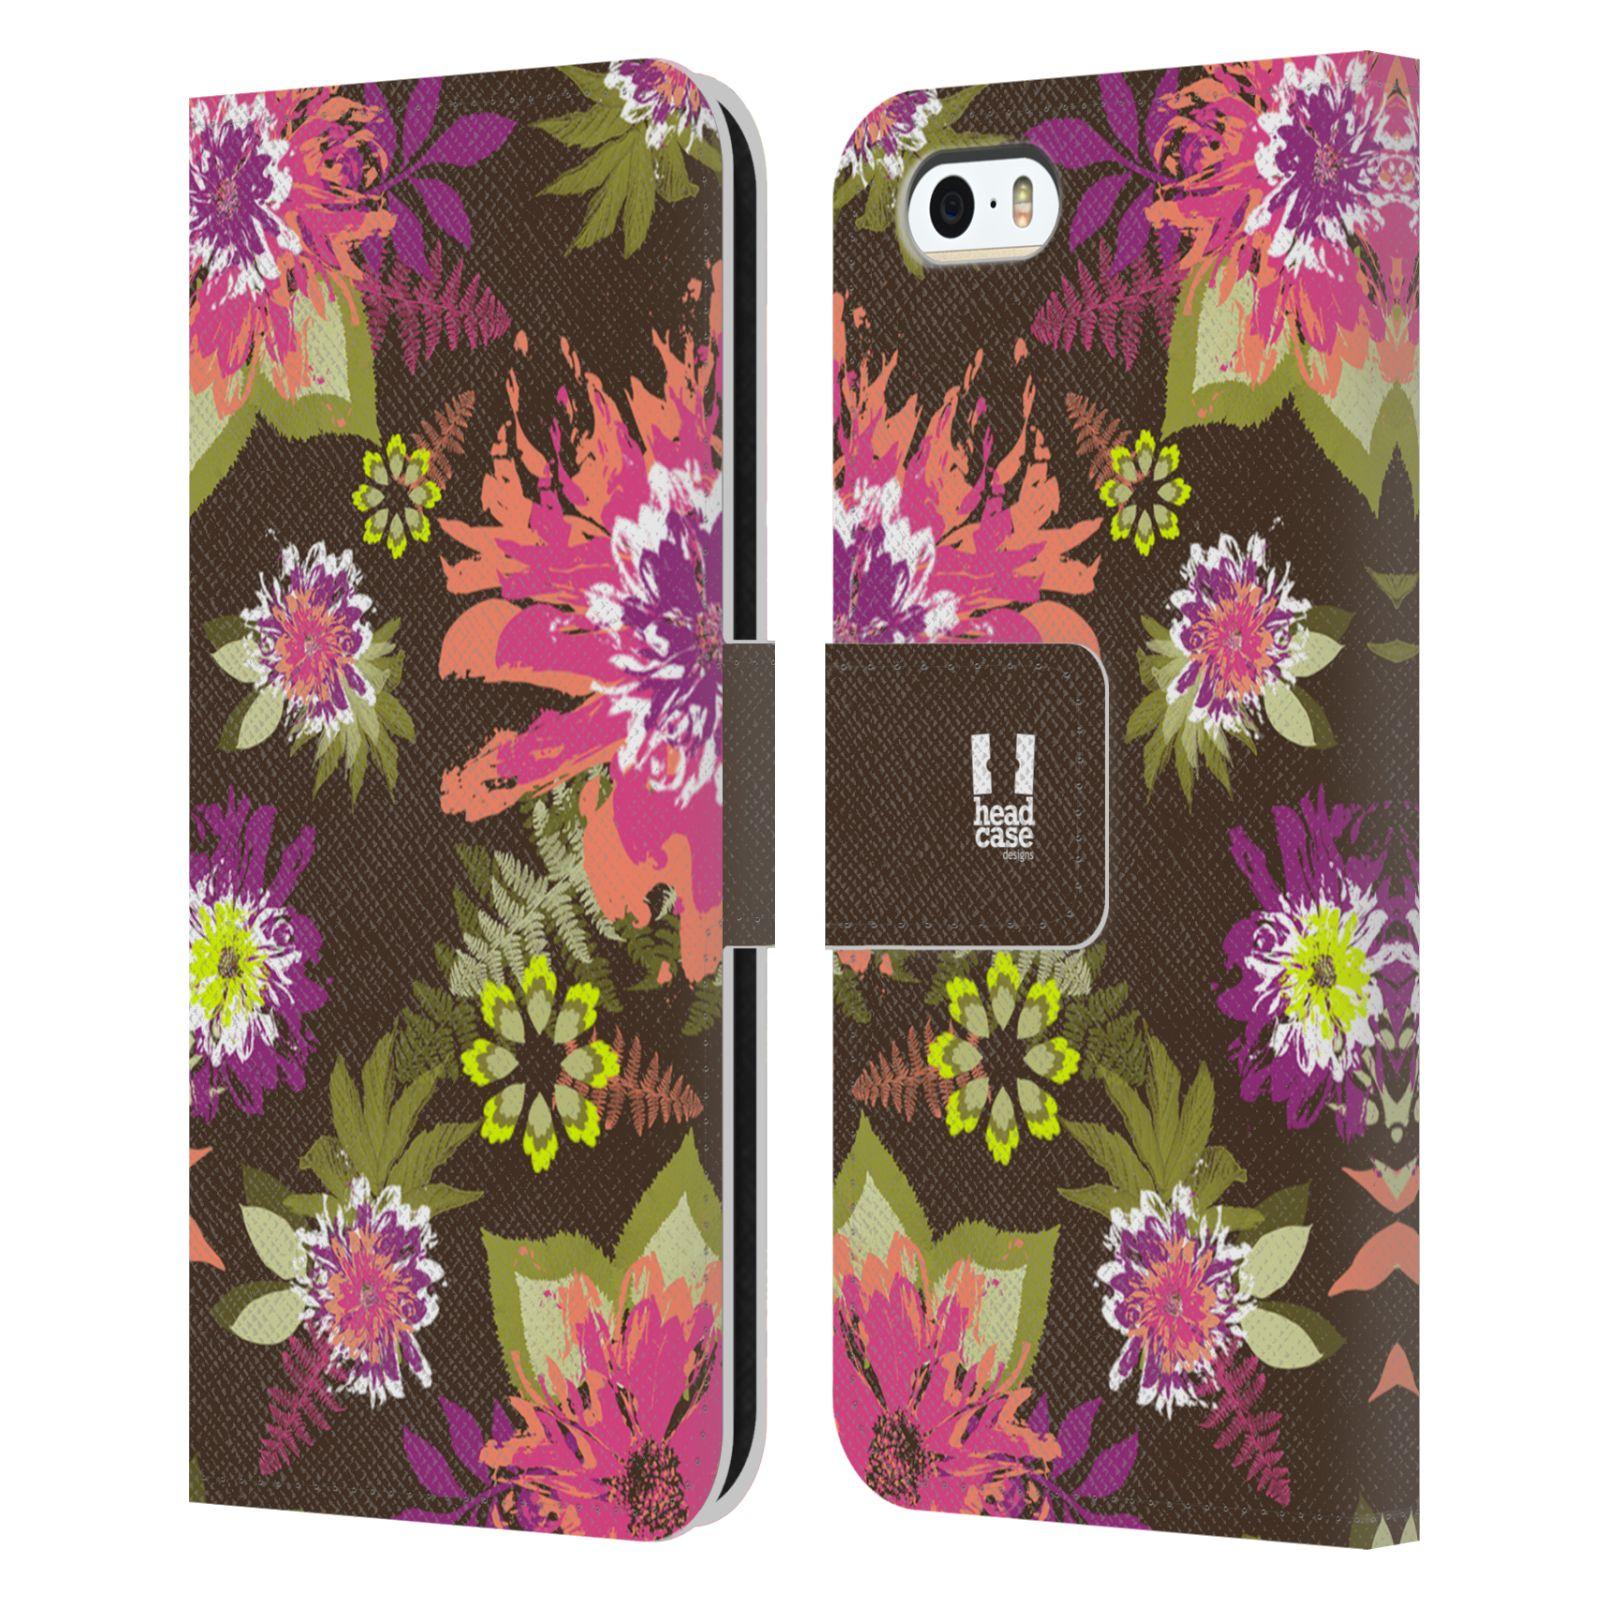 HEAD CASE Flipové pouzdro pro mobil Apple Iphone 5/5s BOTANIKA barevné květy zelená